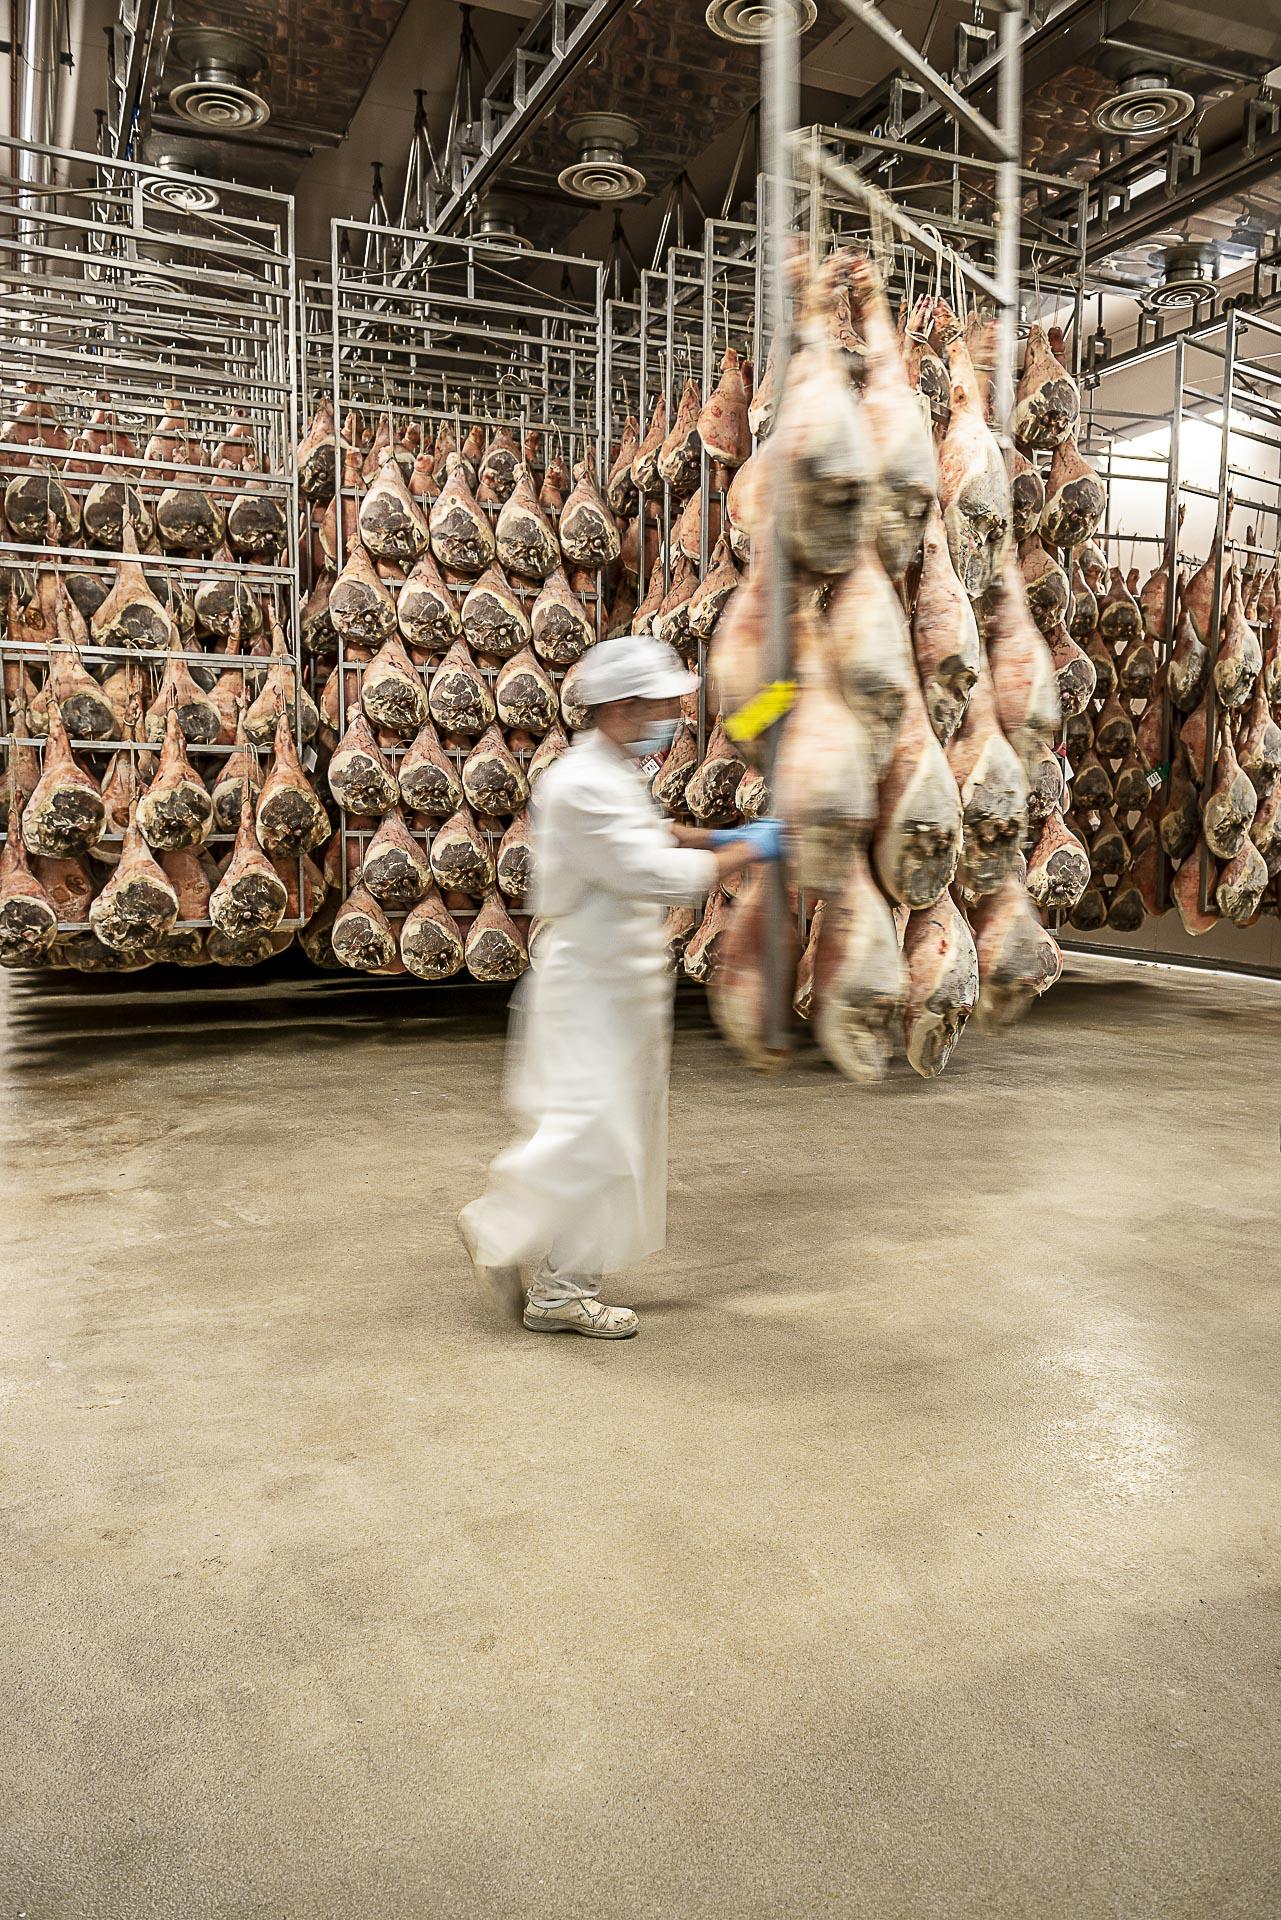 Story tellingIndustria Alimentare Salumificio Agricoltura Fotografo Modena